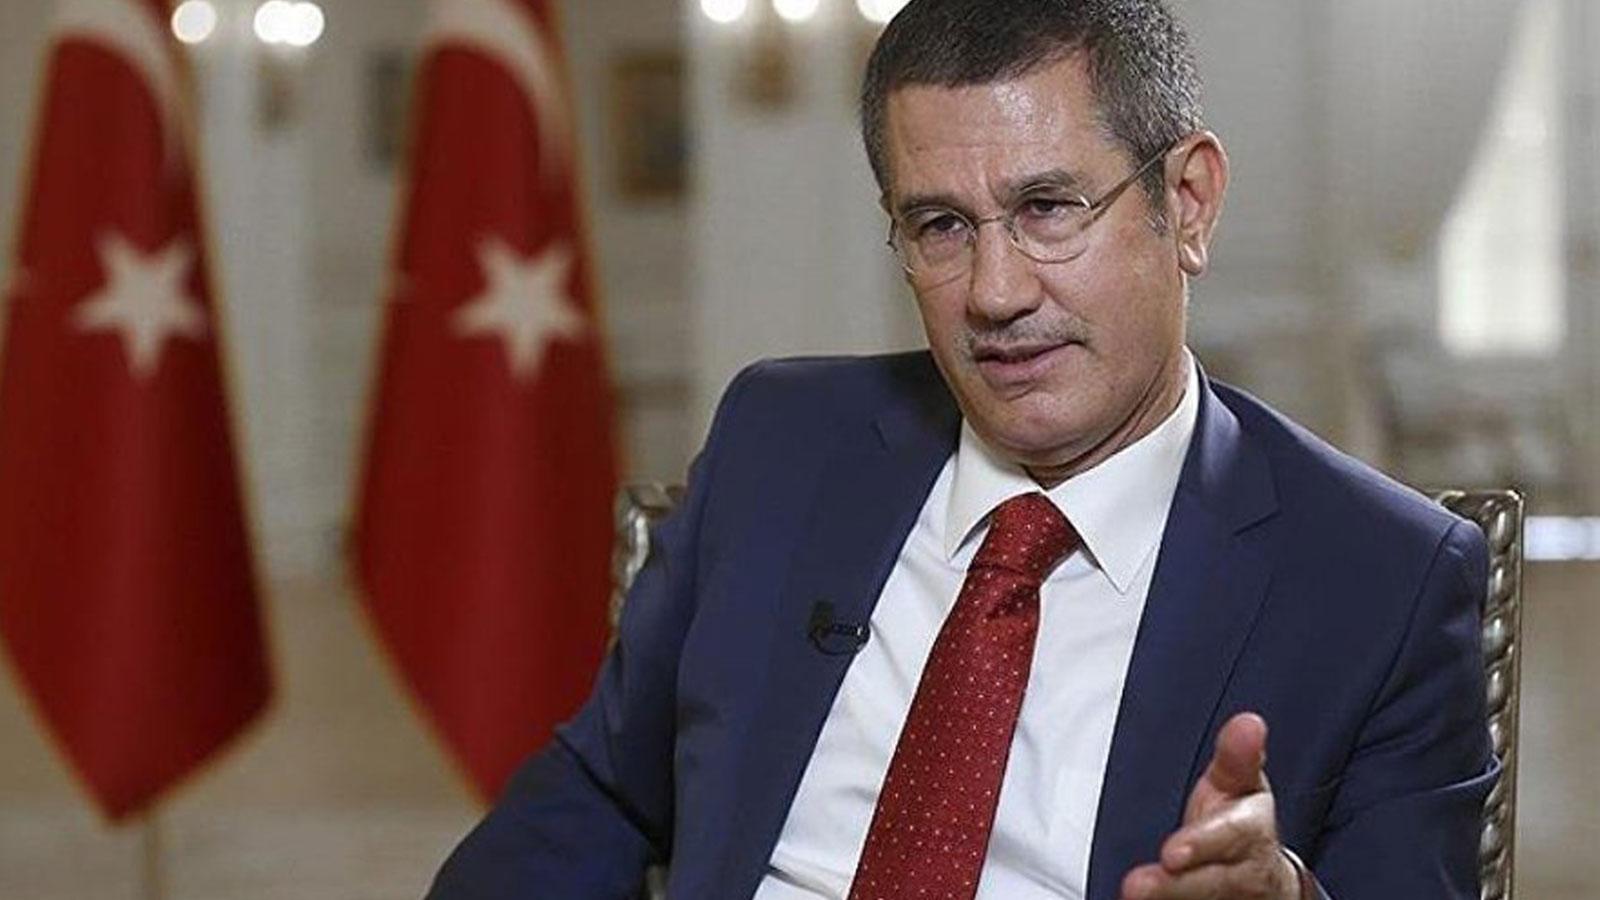 AKP Genel Başkan Yardımcısı Canikli: 128 milyar dolar burada, sizin aklınız  nerede?